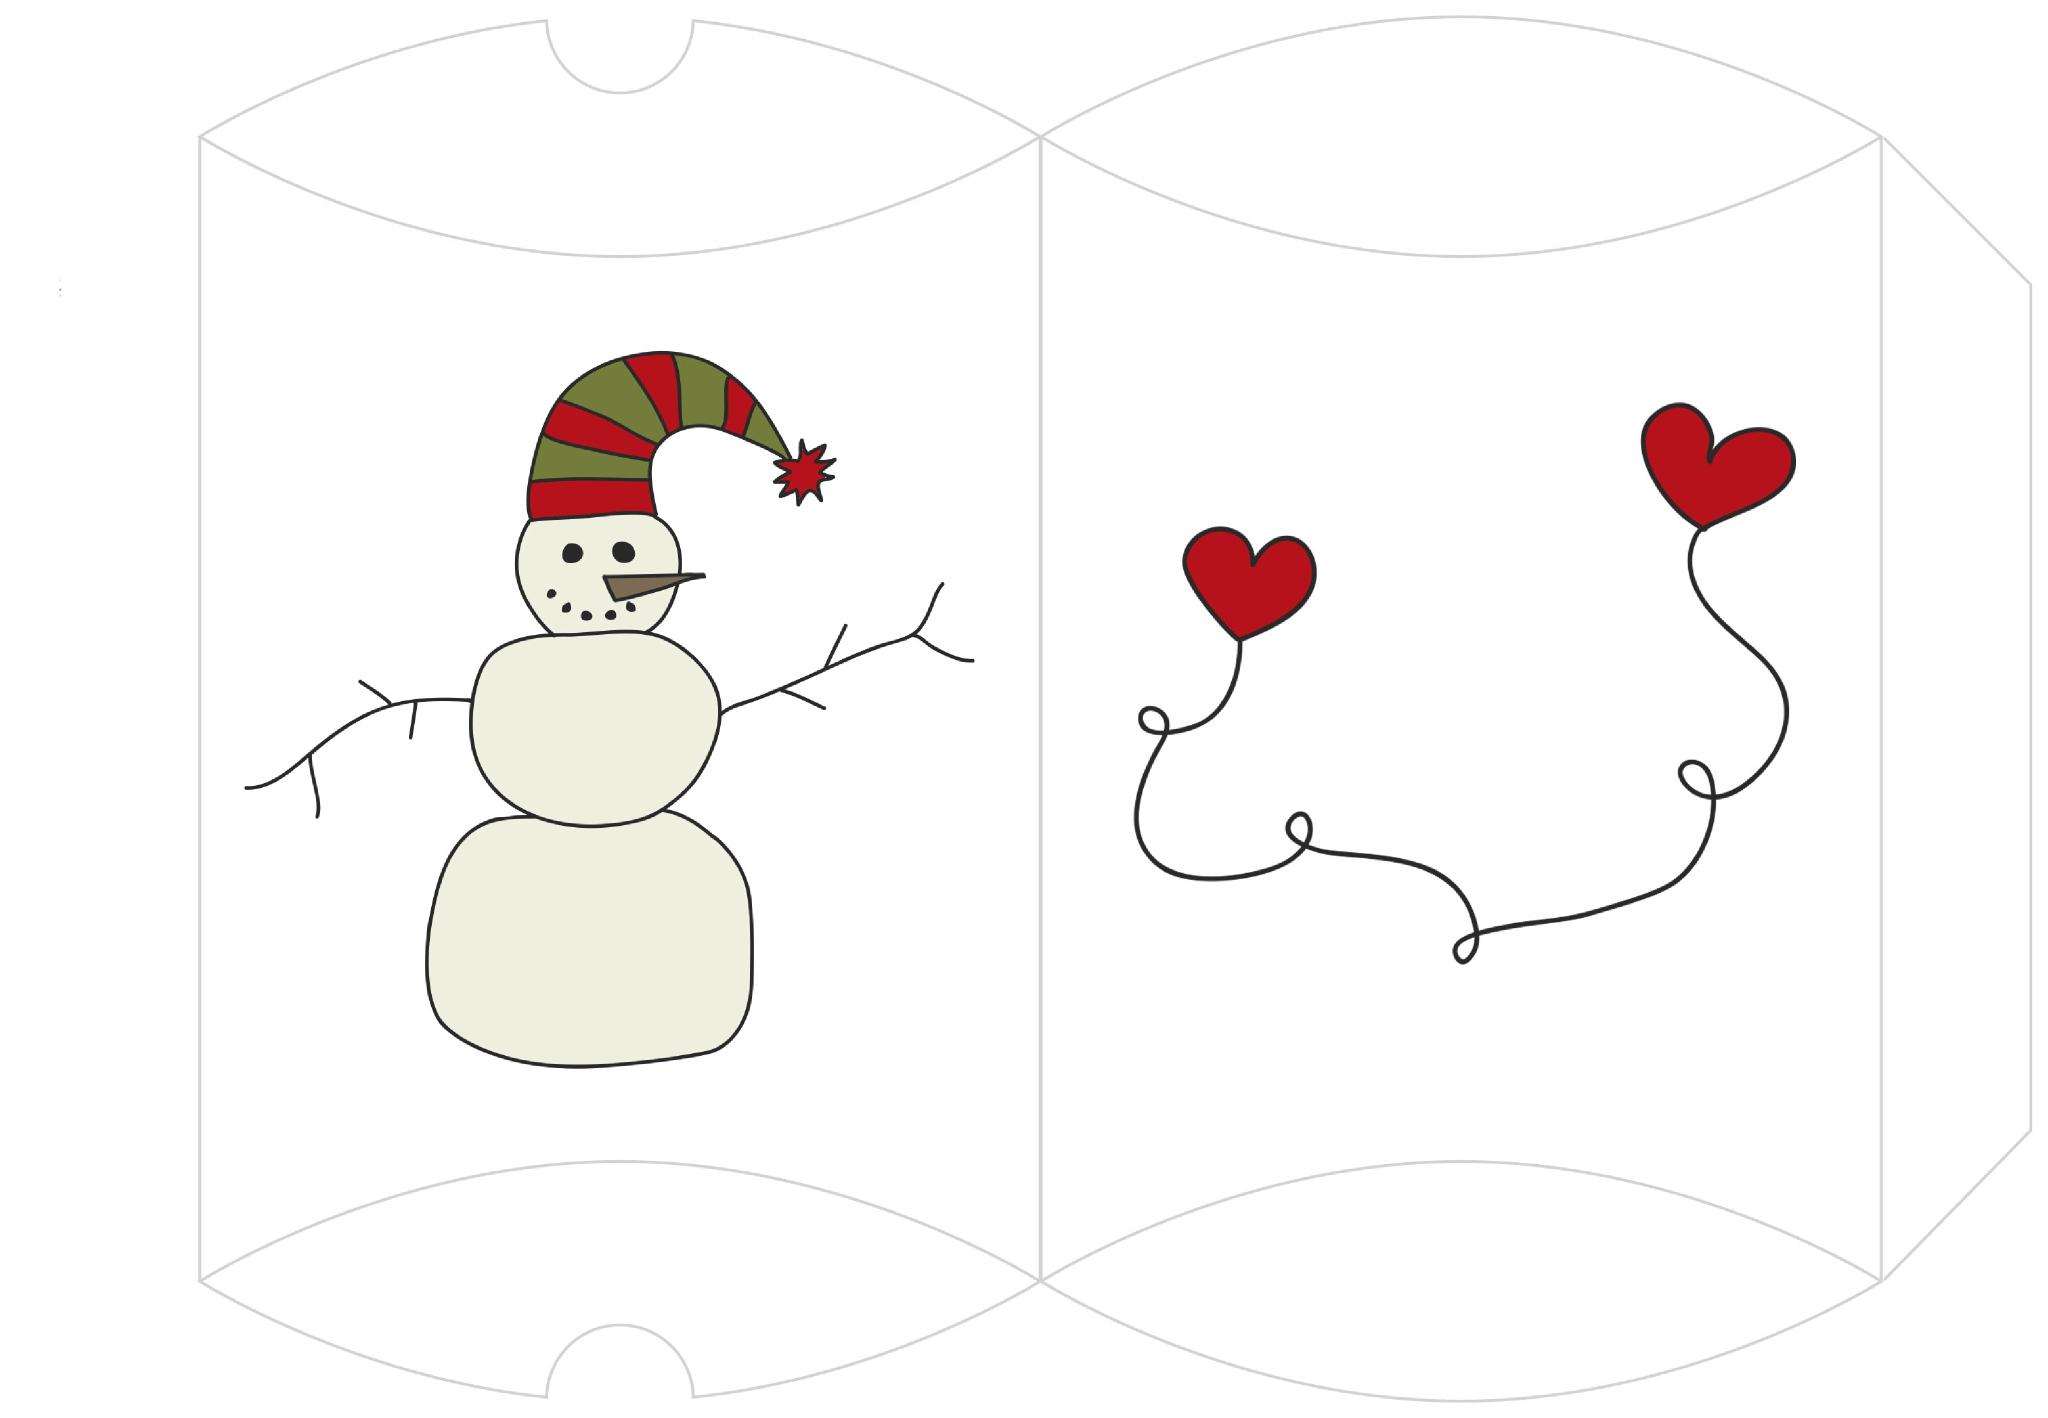 Boîte Cadeau À Imprimer - 1 2 3 Flo Bricole : Les à Boite De Noel A Imprimer